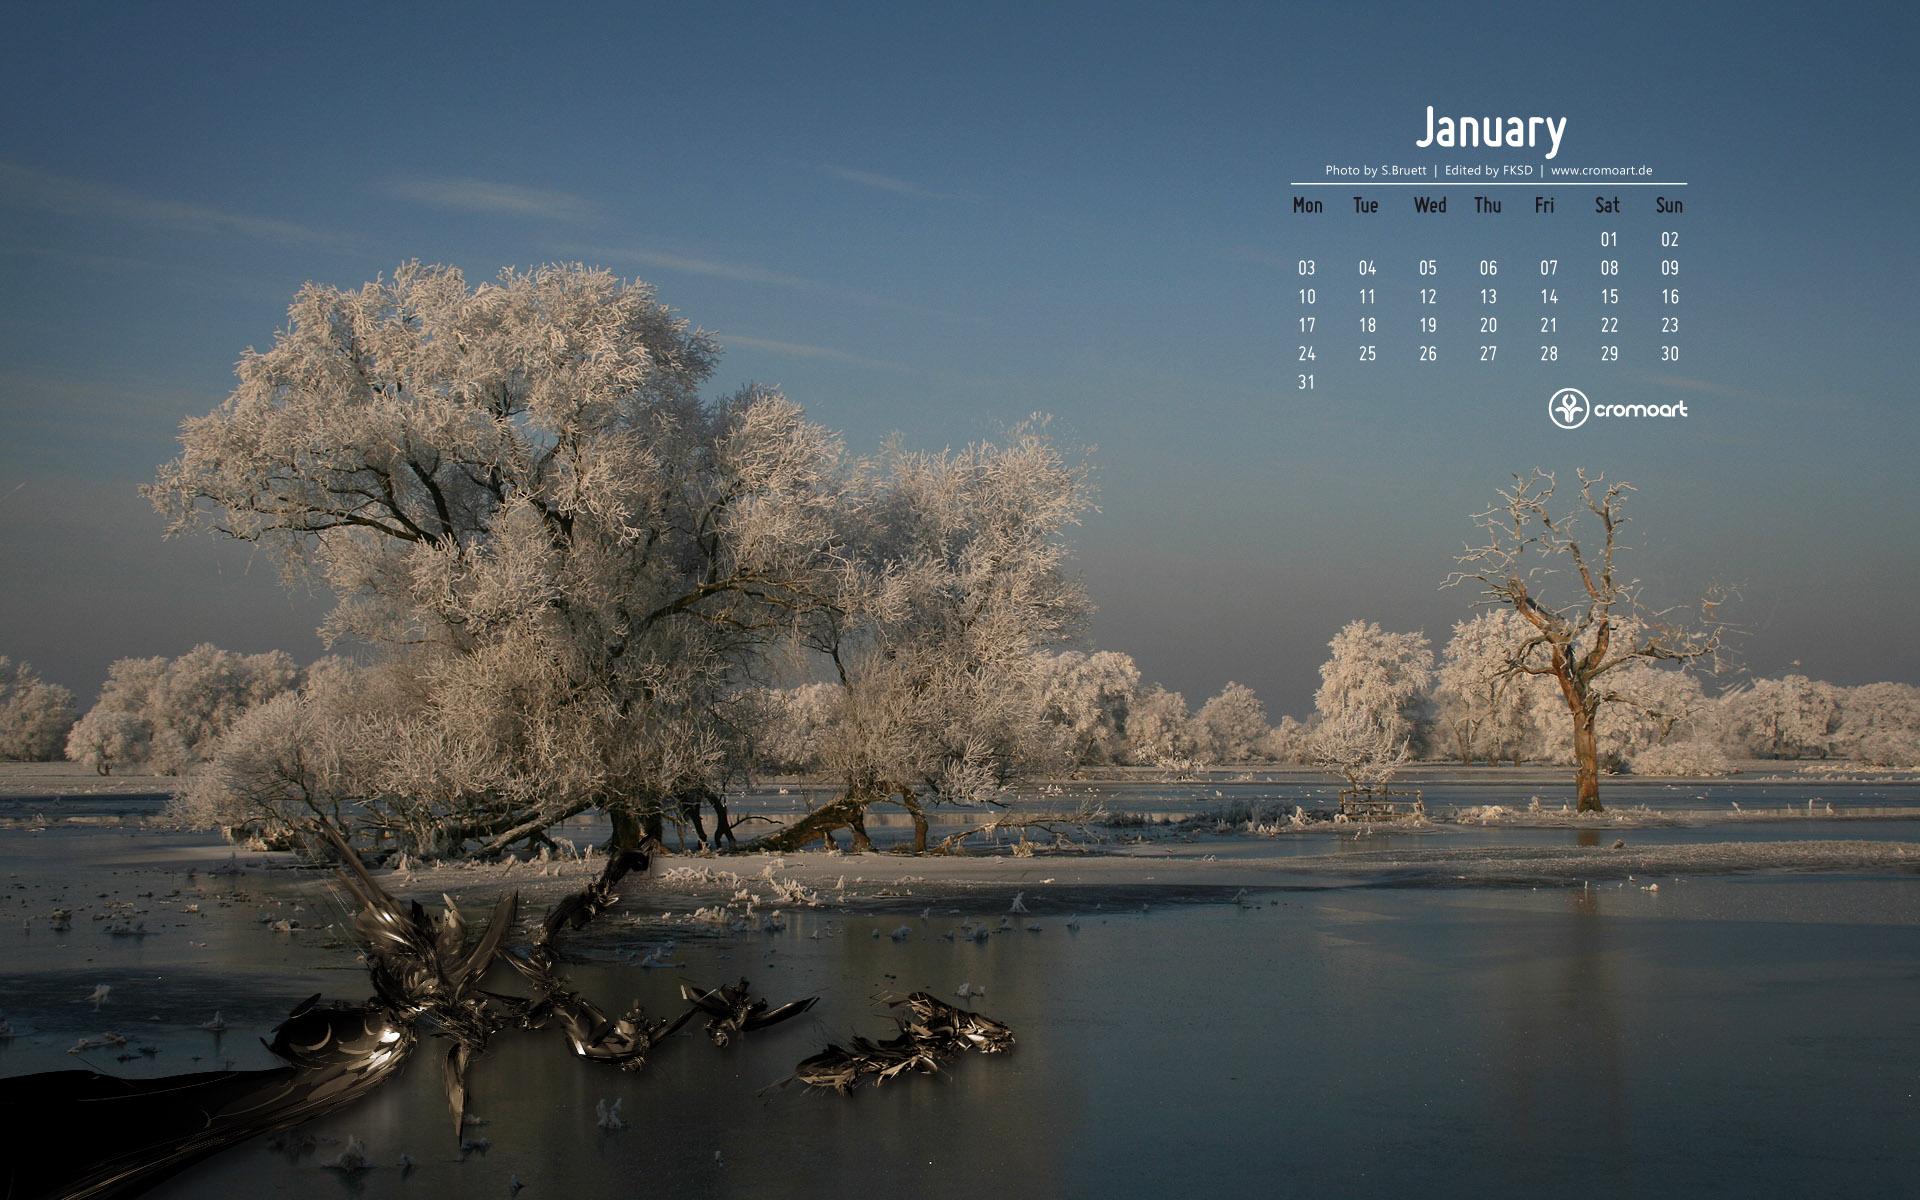 January 2011 Desktop Calendar wallpaper   277378 1920x1200